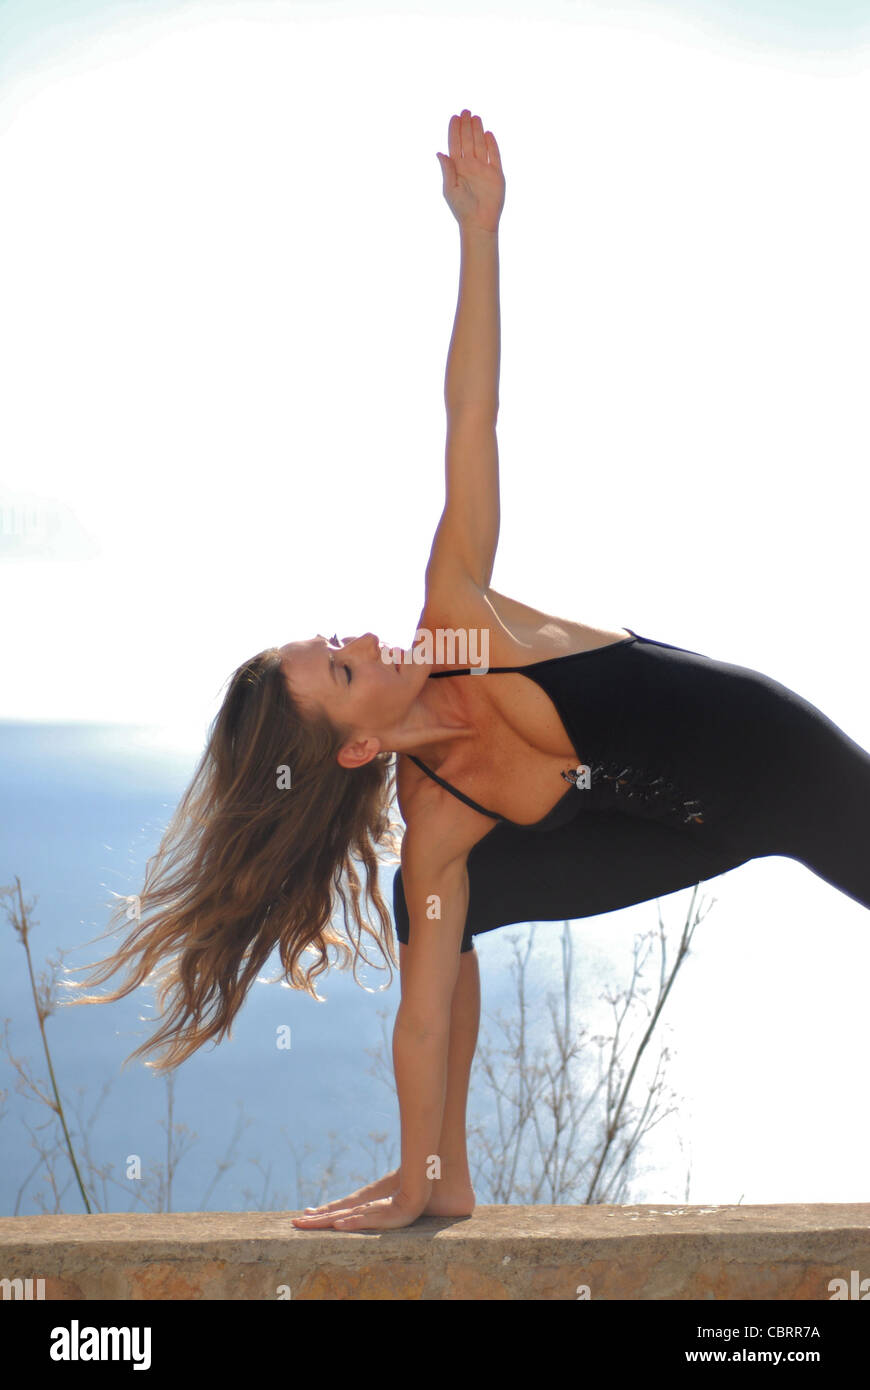 Lo Yoga Shiromani Lena Tancredi, fare yoga in natura in Ibiza, Spagna - Foto di Nano Calvo Immagini Stock